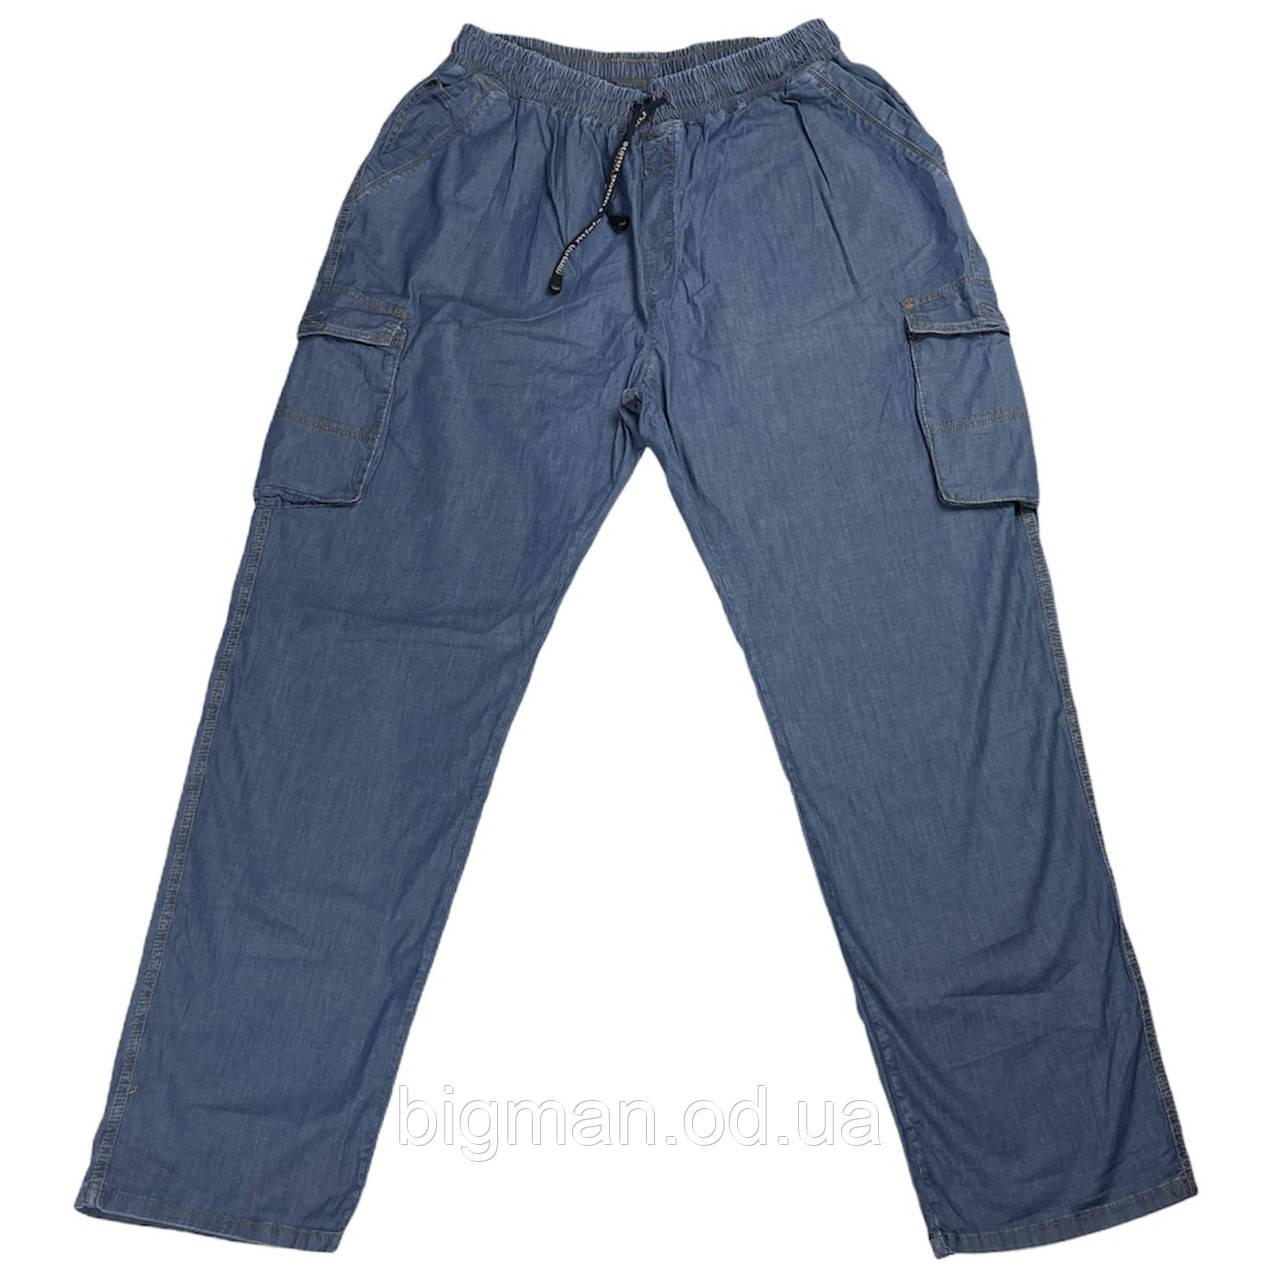 Чоловічі джинси на резинці Miele18040 60-74 розміру сині великого батального розміру Туреччина